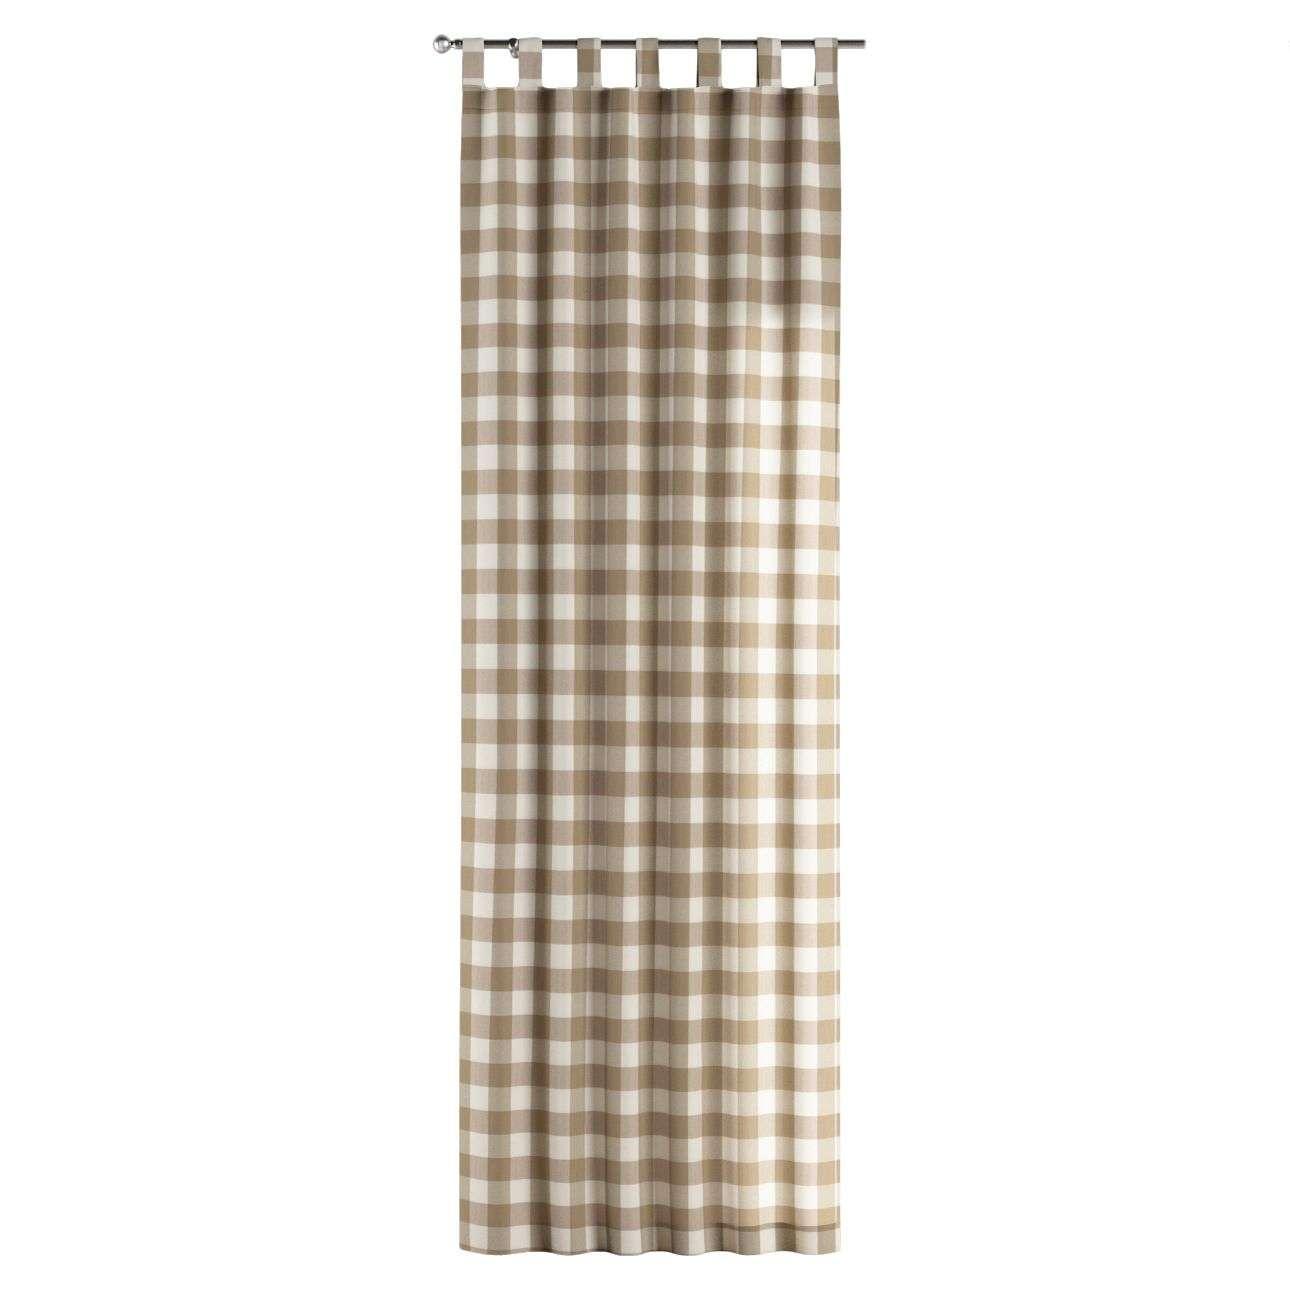 Kilpinio klostavimo užuolaidos 130 x 260 cm (plotis x ilgis) kolekcijoje Quadro, audinys: 136-08